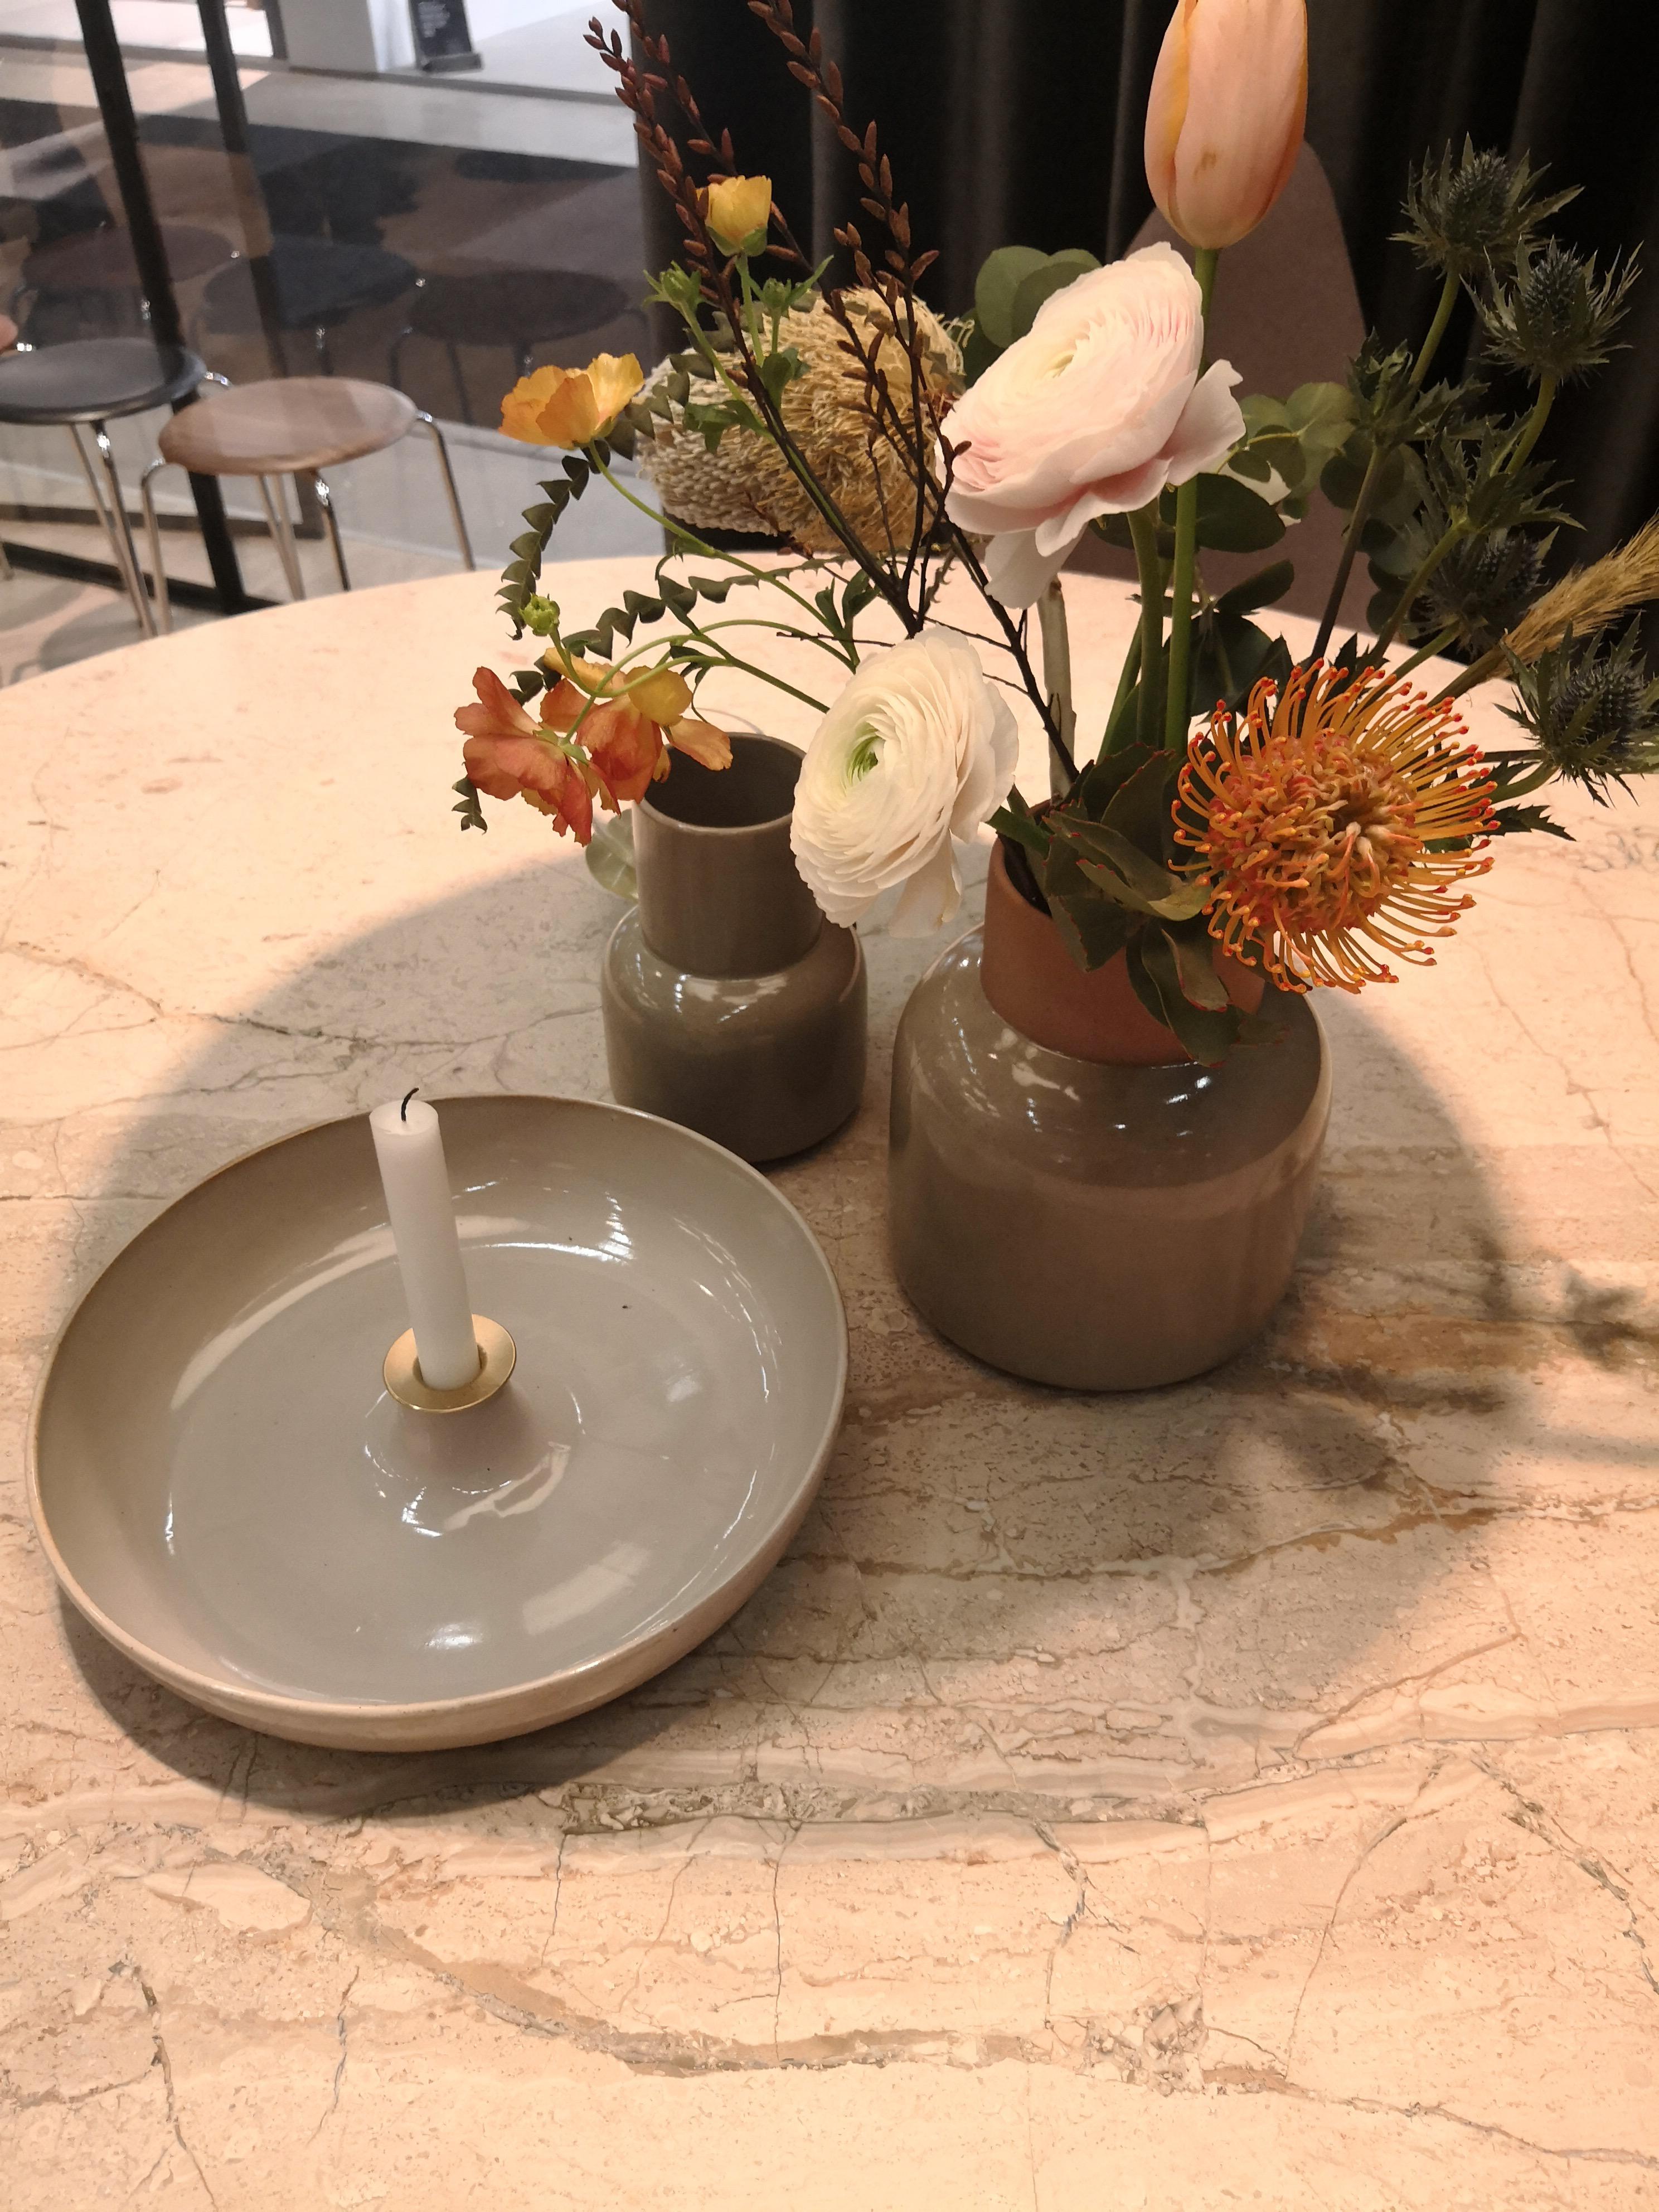 Naturlige elementer i forkus! PK spisebord i marmor sammen med Objects i keramikk fra Fritz Hansen.